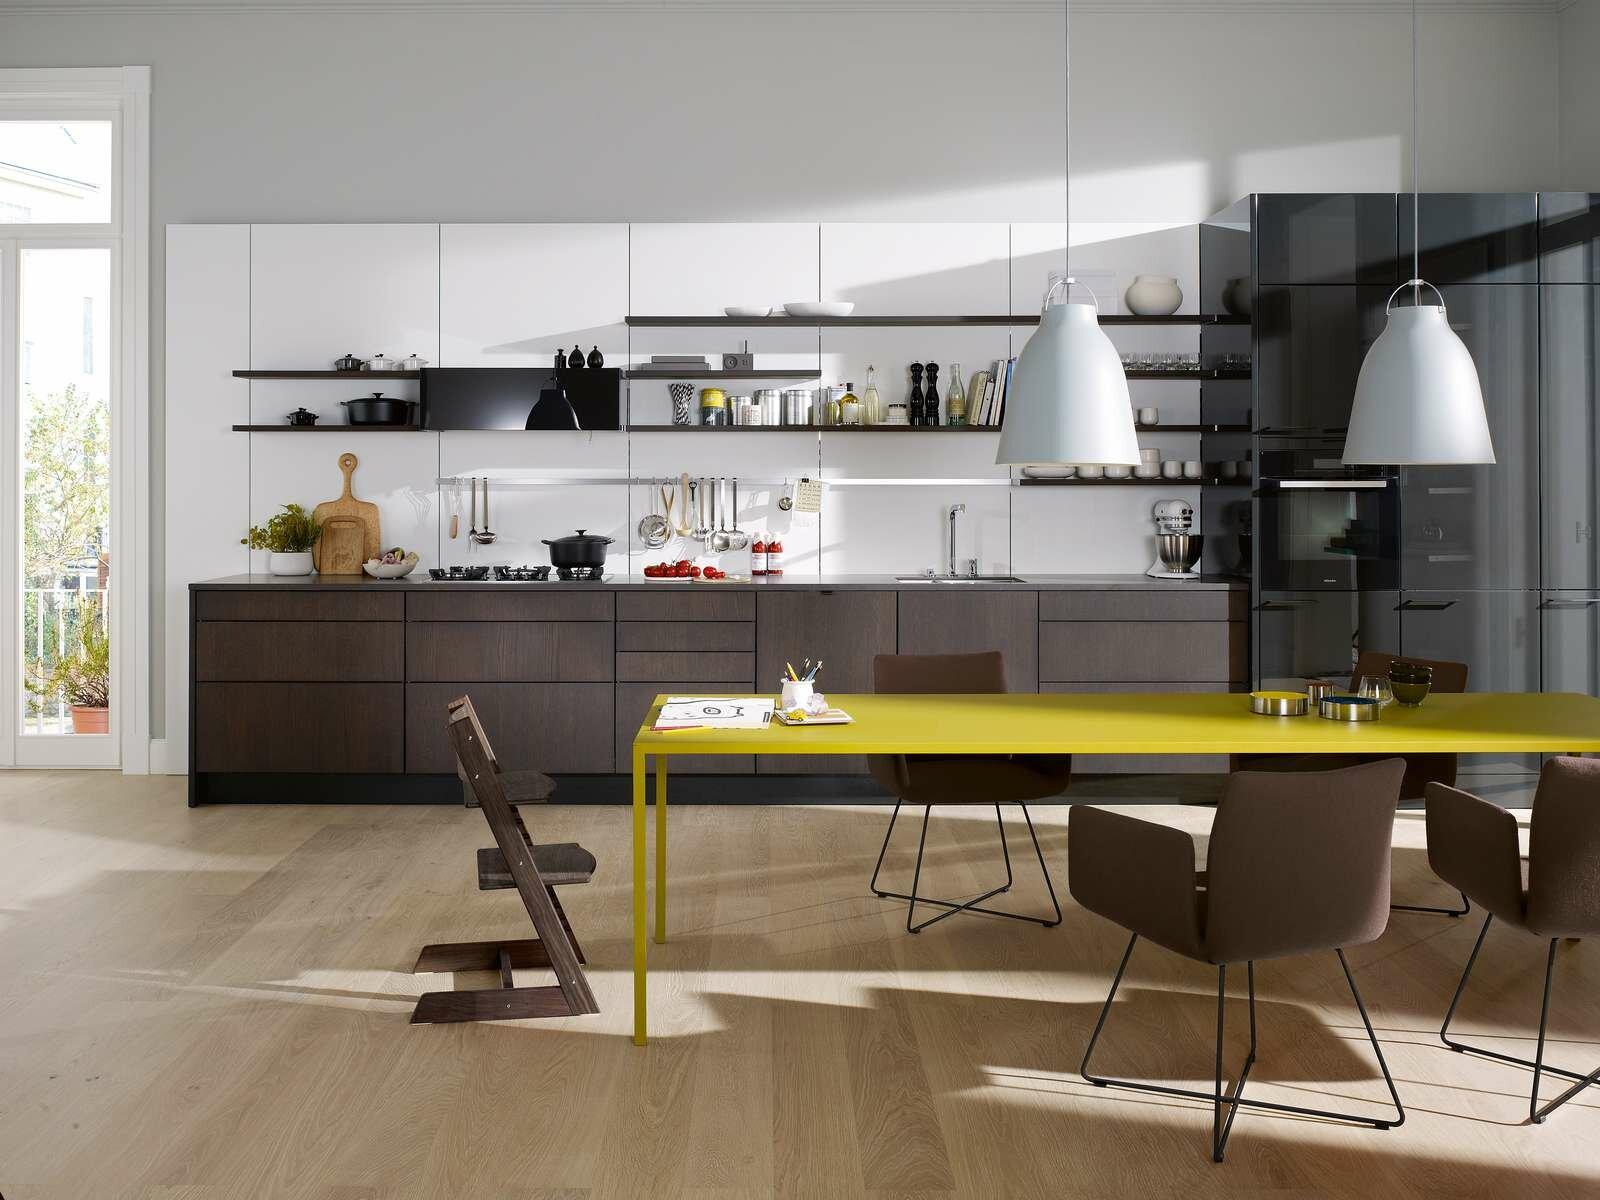 Kitchen Design Ideas With 20 Inspiring s